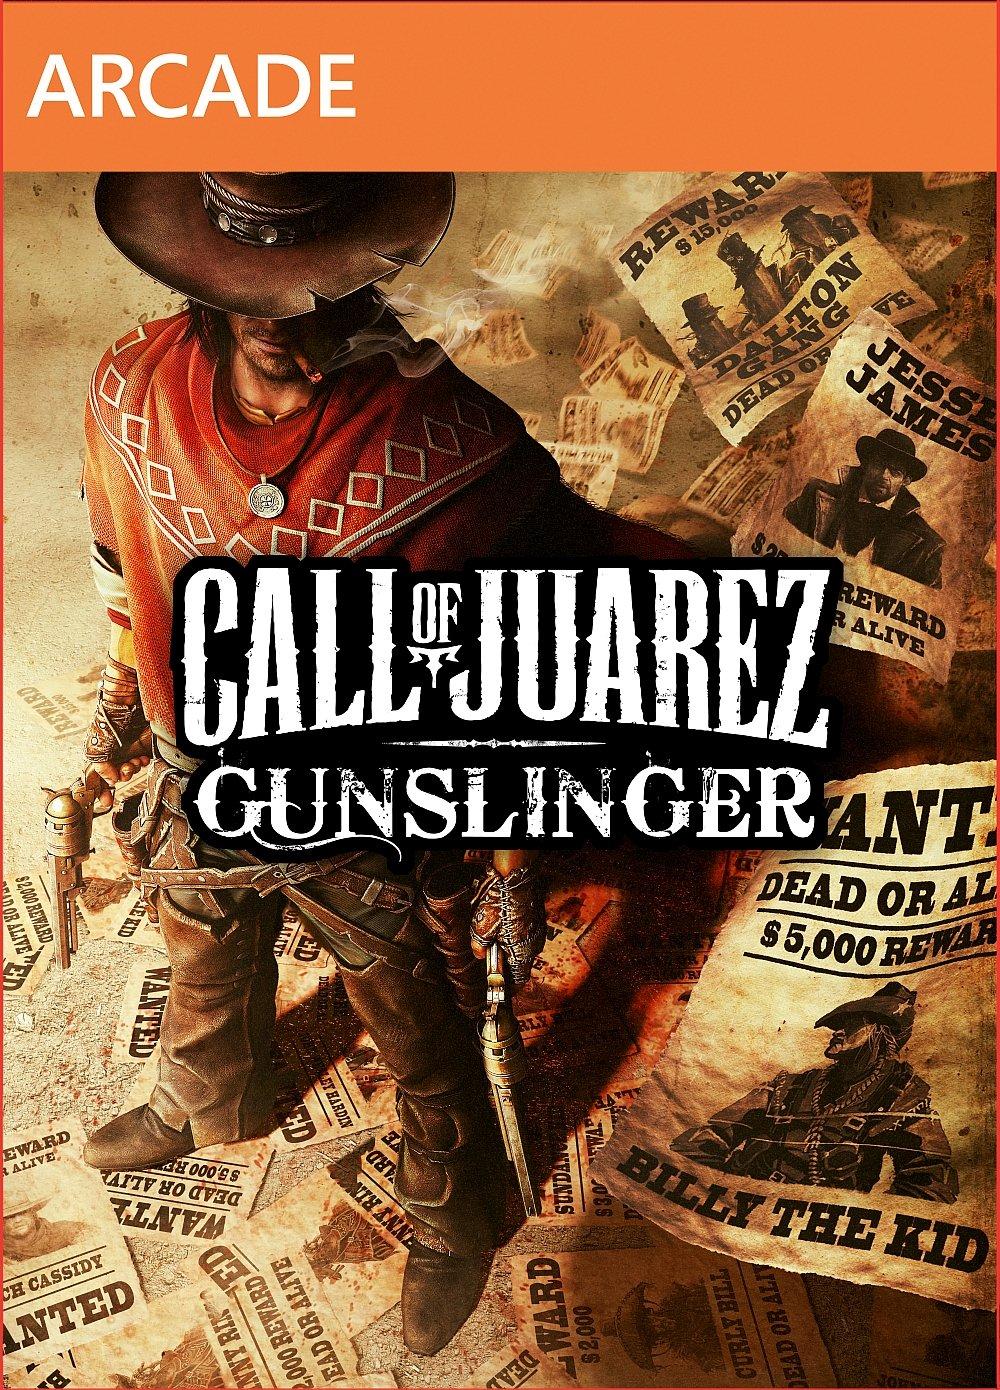 Call of Juarez: Gunslinger (Xbox 360) Review 3